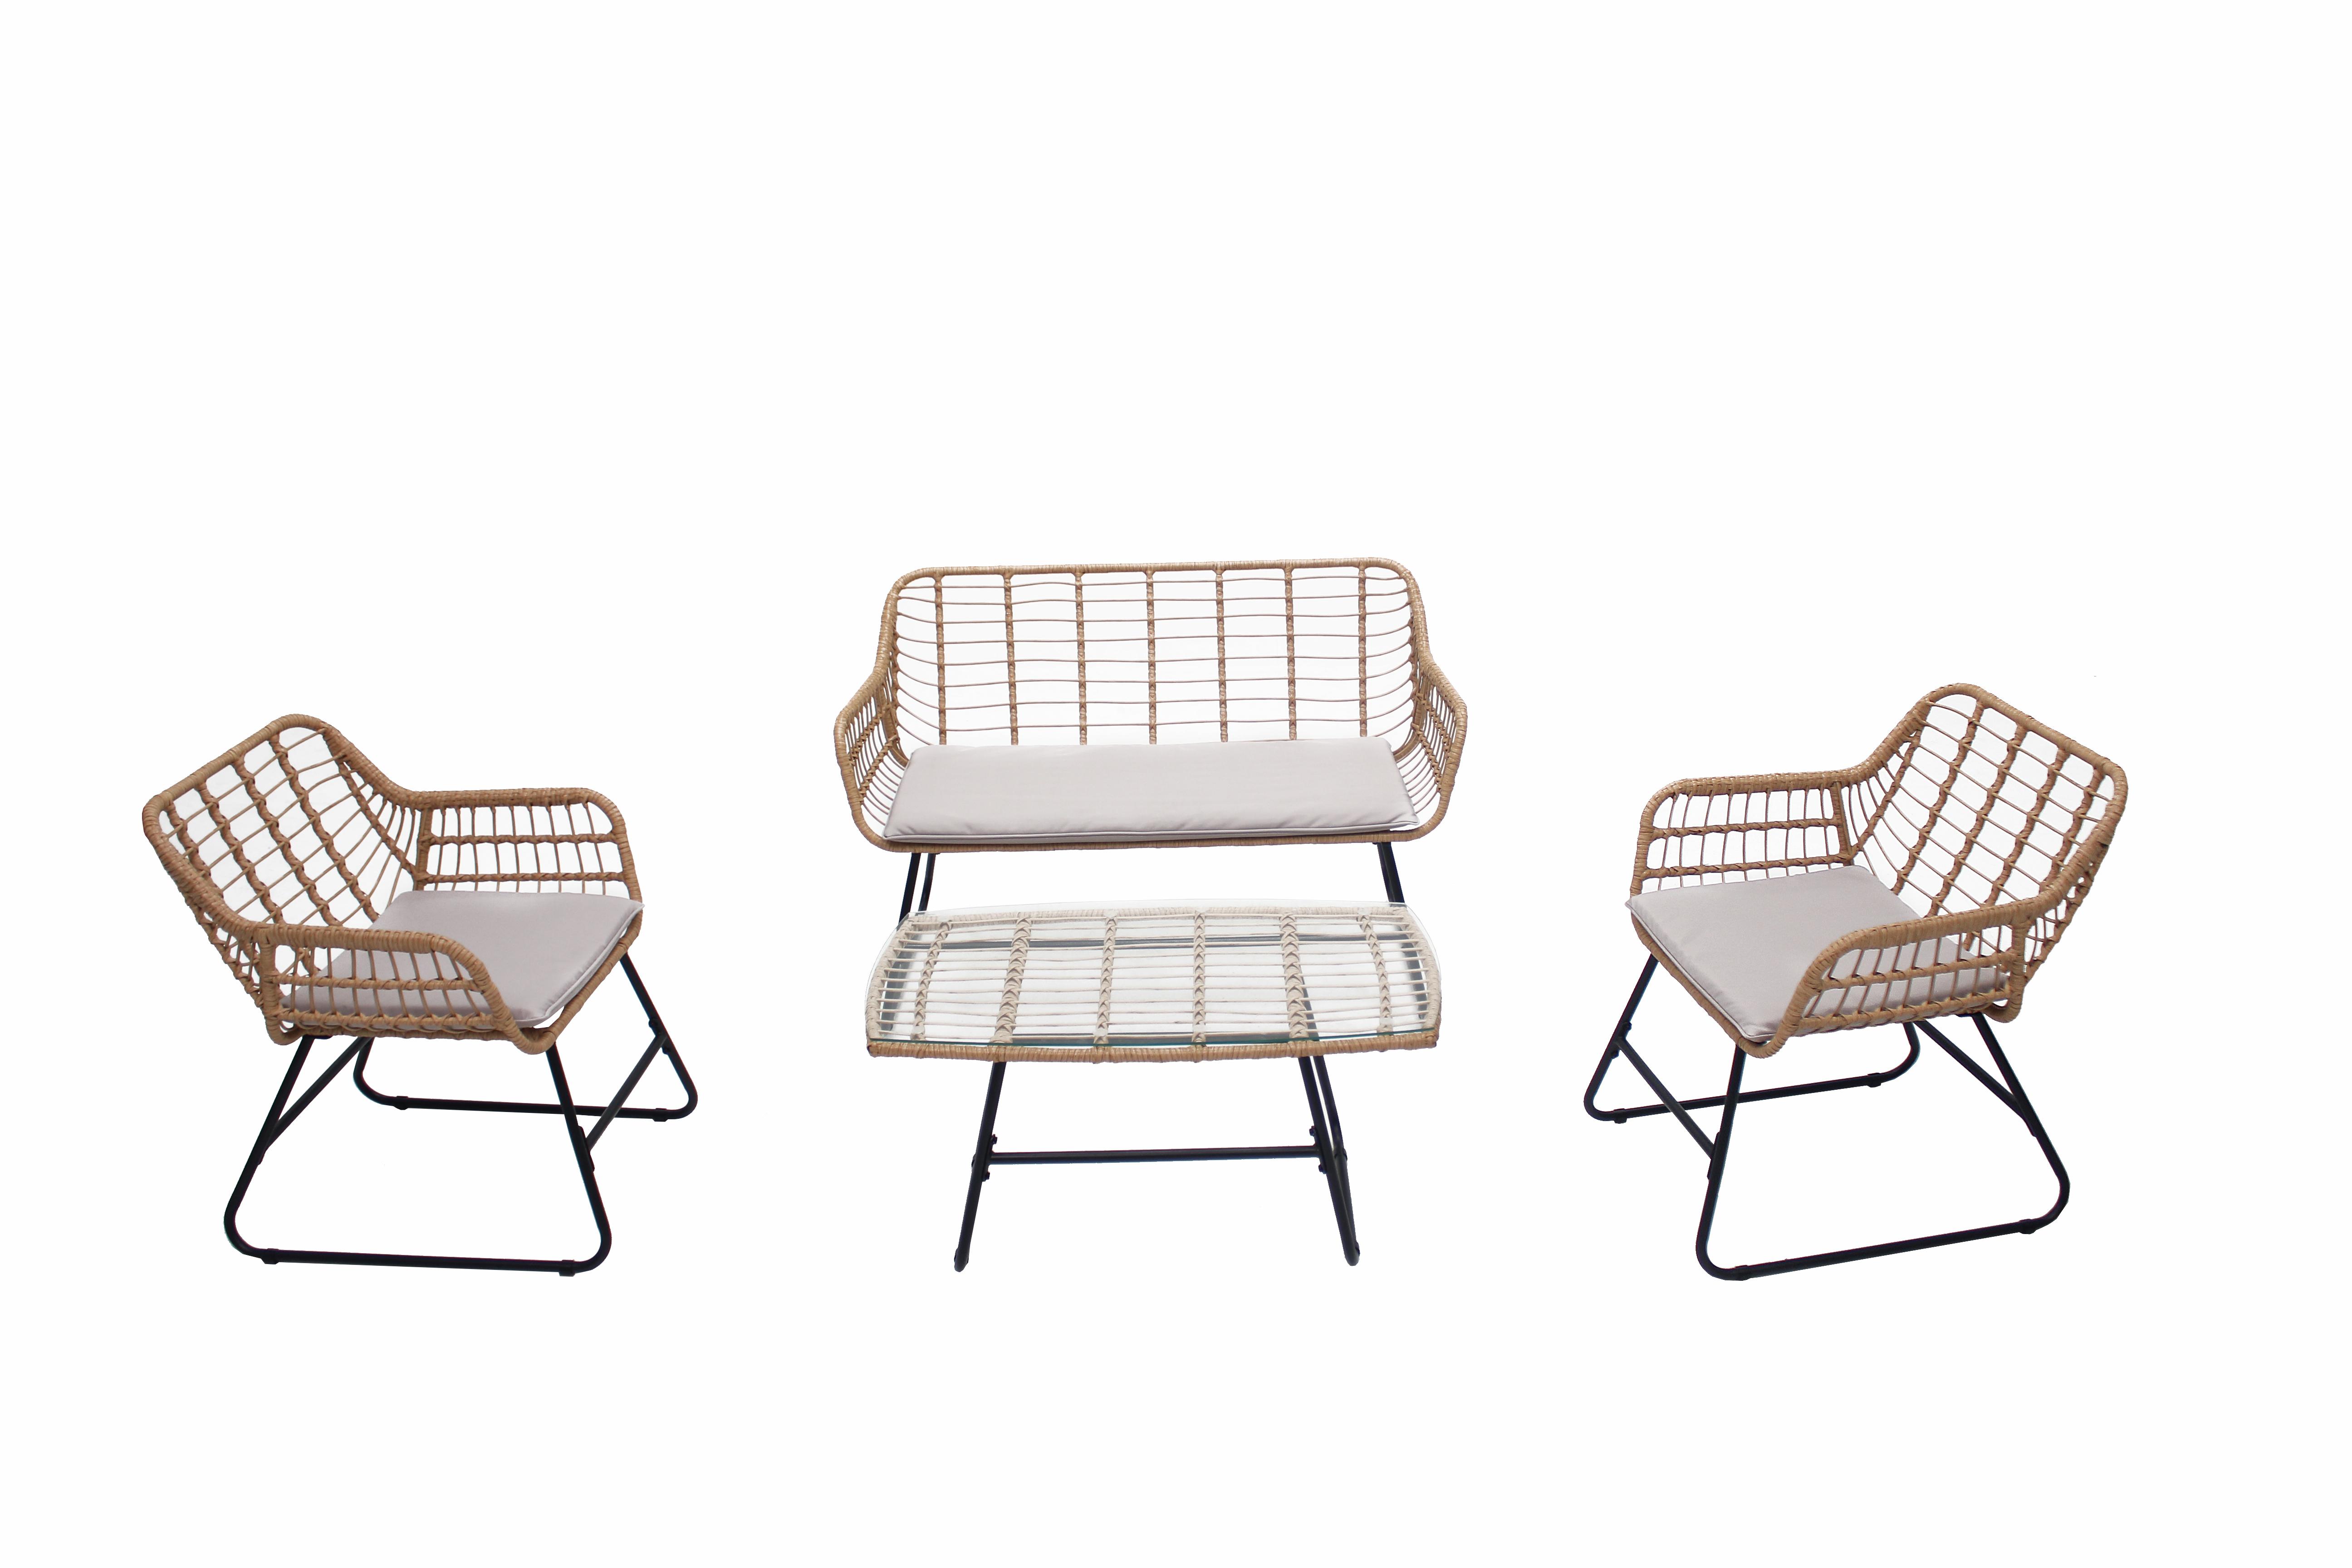 Salon de jardin 4 places en rotin et acier beige et noir